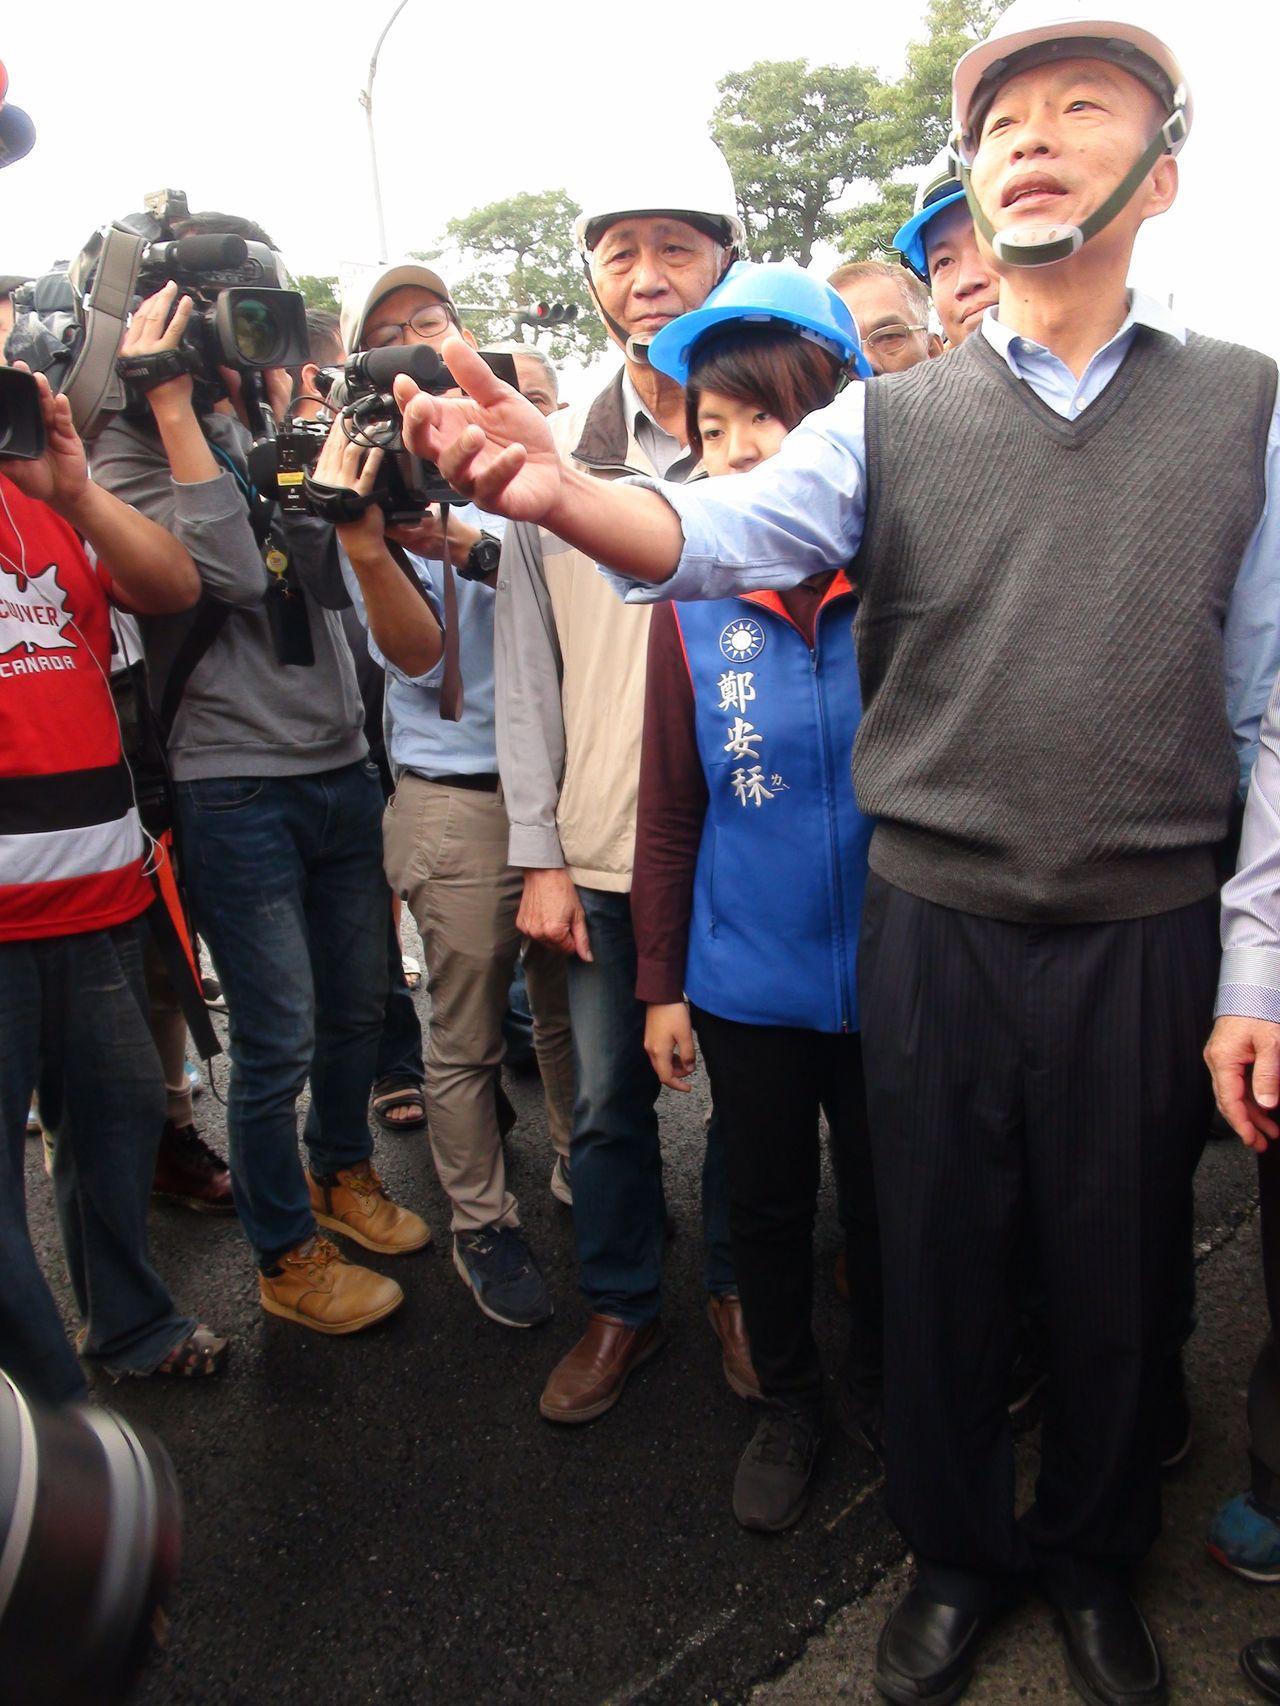 高雄市長韓國瑜巡看鳳山區中崙二路路面改善工程。記者謝梅芬/攝影